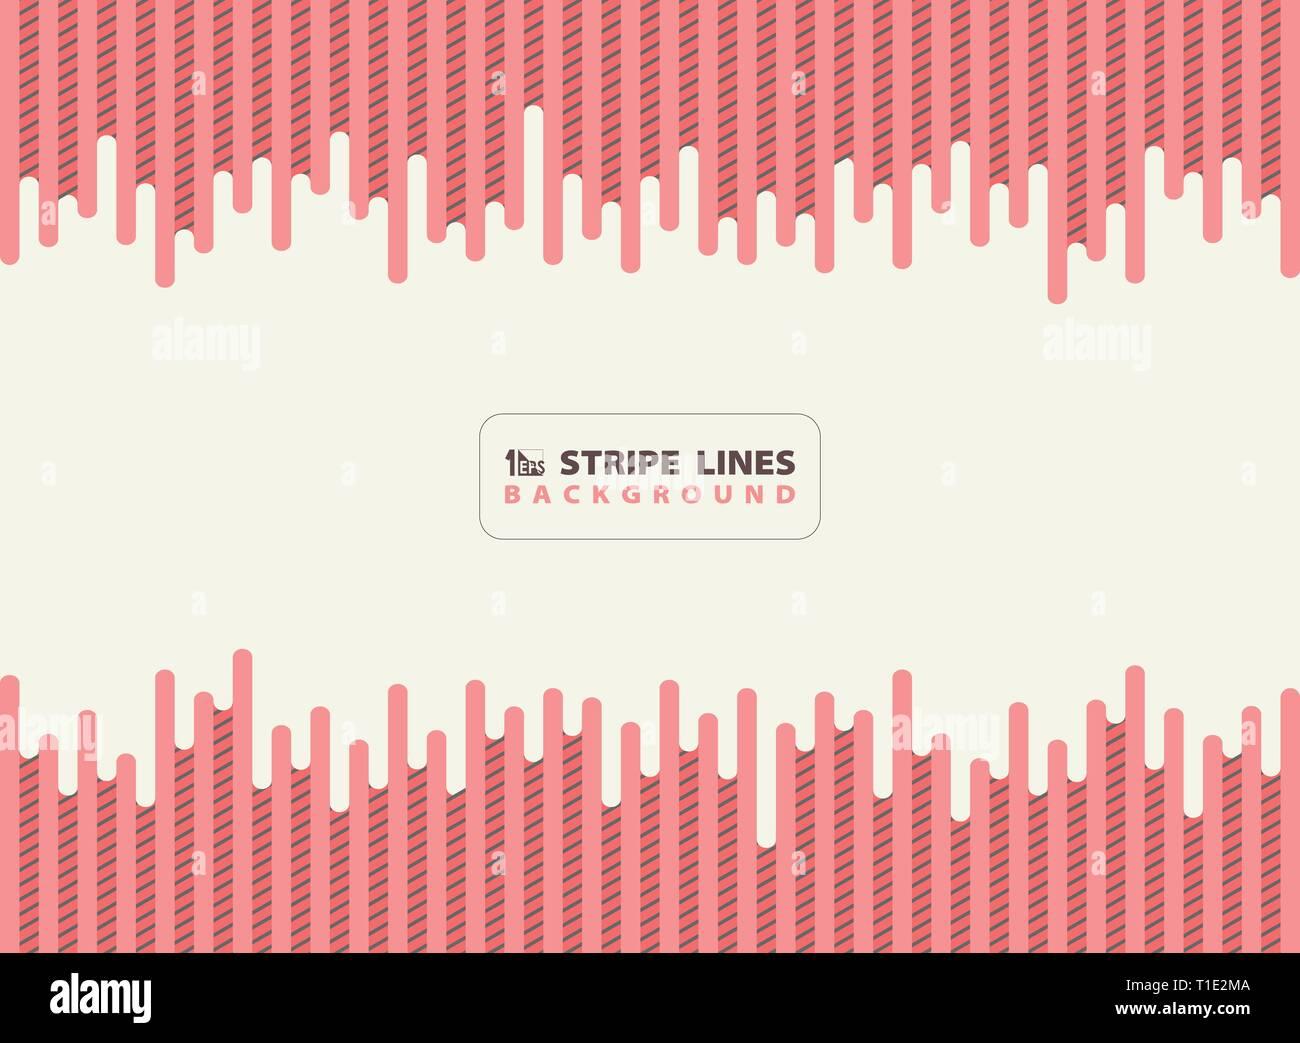 Résumé rose corail vivant dash avec une bande noire motif de lignes de fond au design moderne. Vous pouvez utiliser pour votre annonce, affiche, print, modèle, brochure, flyer, Photo Stock